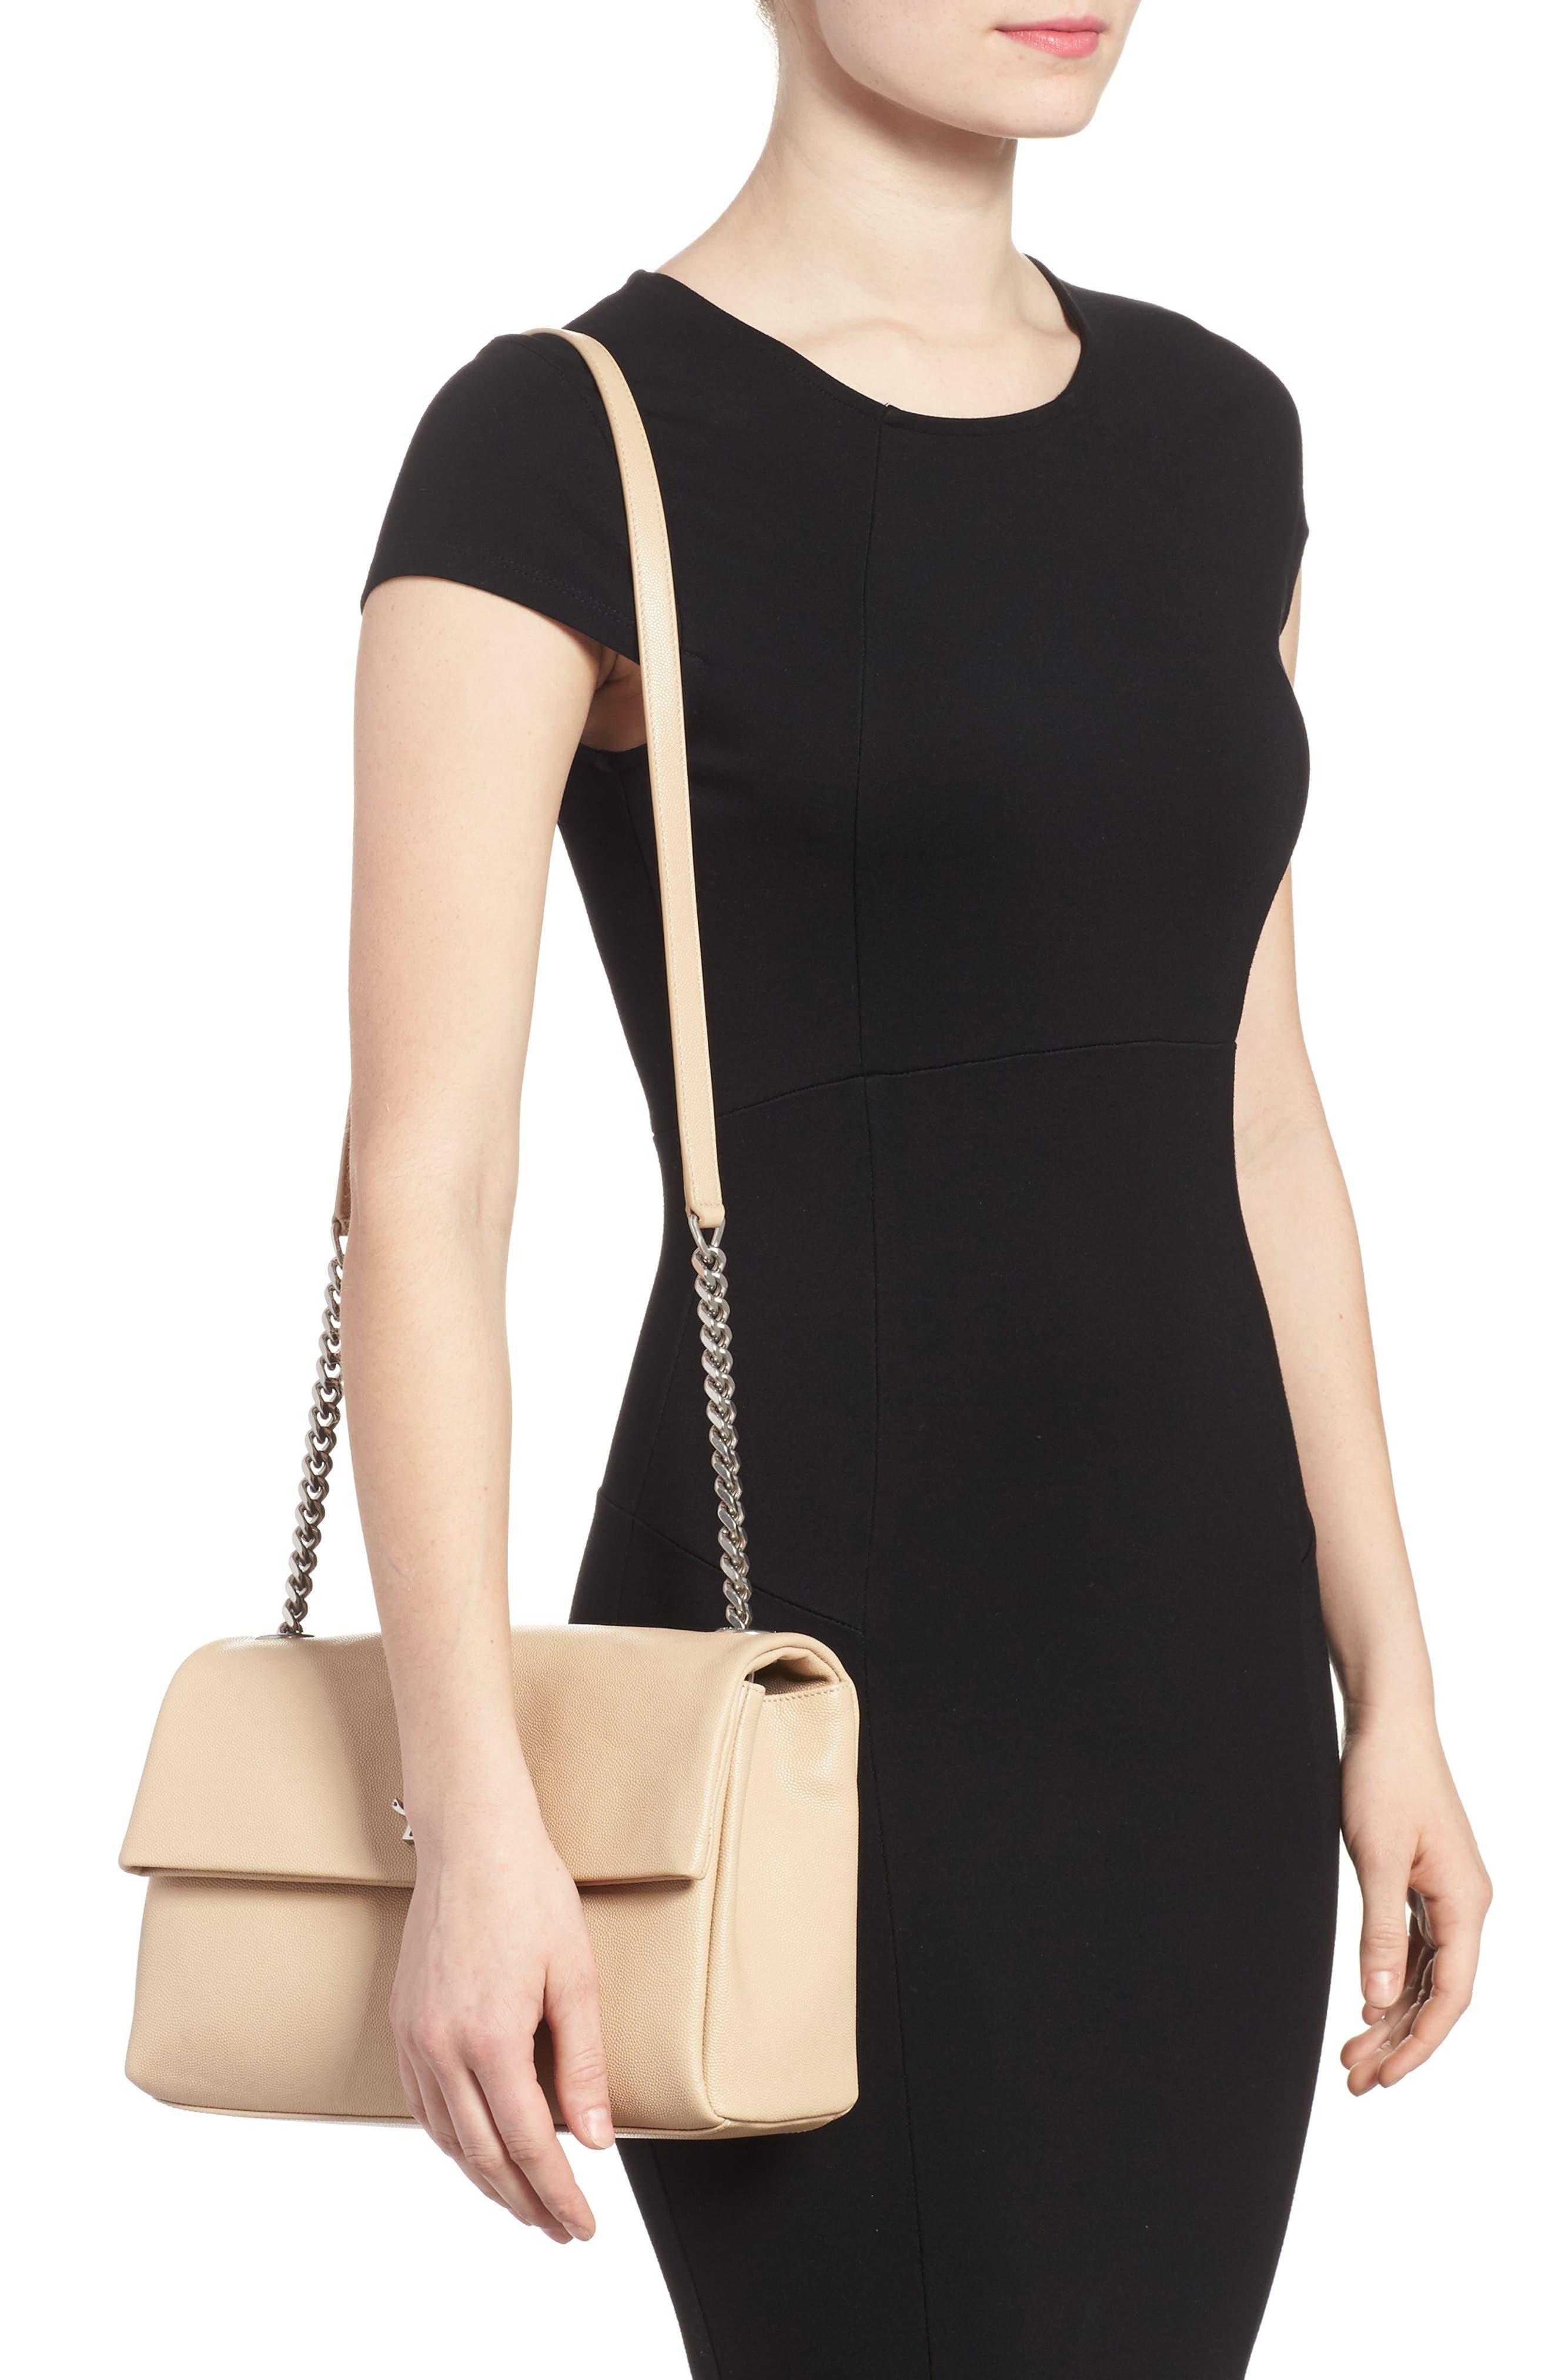 Medium West Hollywood Leather Shoulder Bag,                             Alternate thumbnail 6, color,